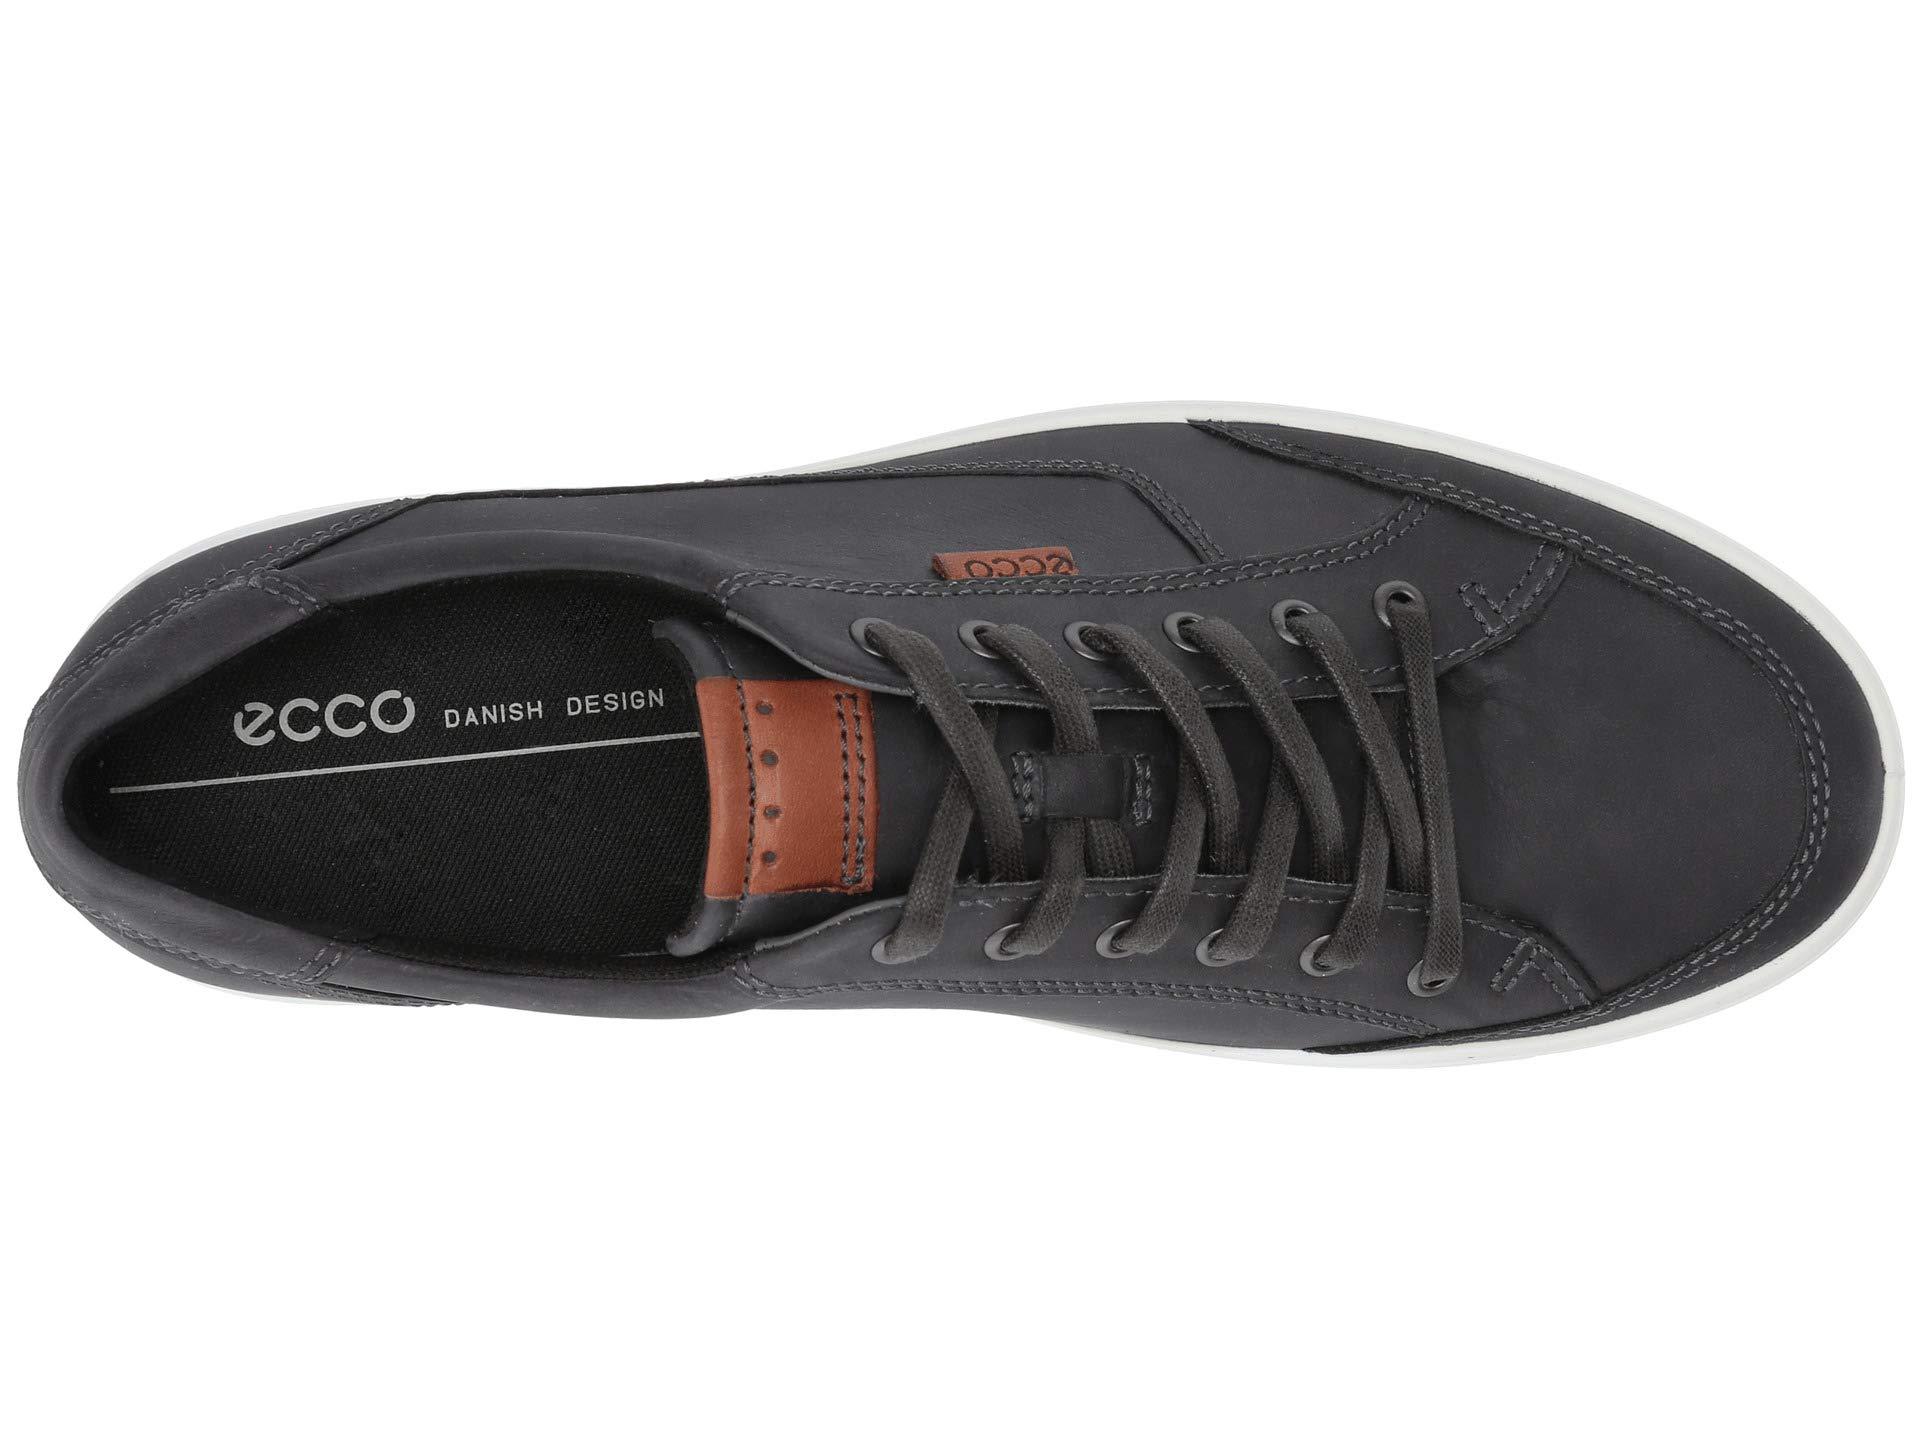 Magnet Sneaker Soft Cow Nubuck Ecco Retro Oil 4Hqxwx8f